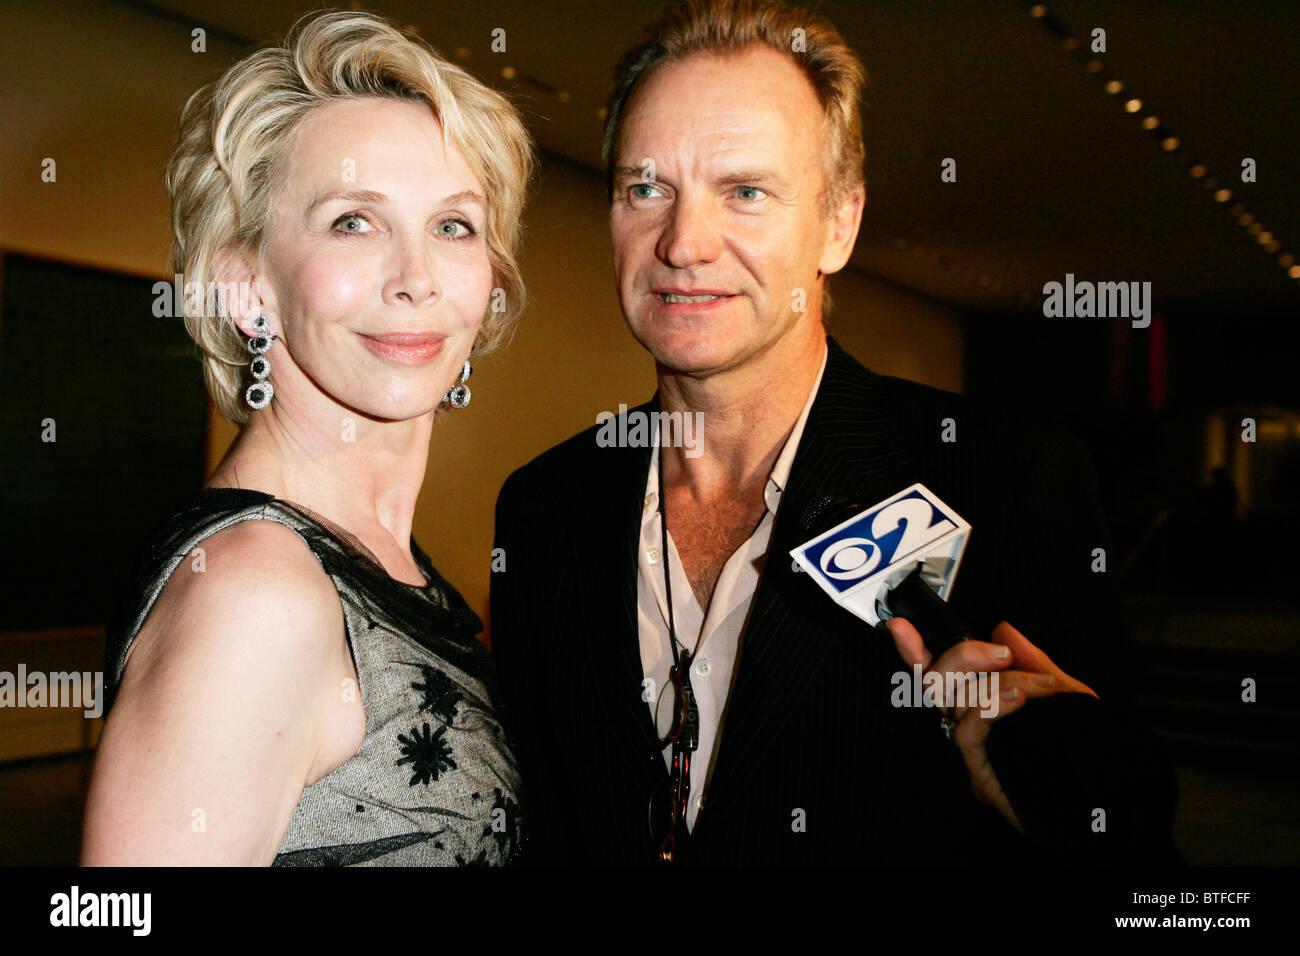 Pop-star Sting und Frau Trudie Styler interviewt im Museum der modernen Kunst (MOMA), New York, USA Stockfoto